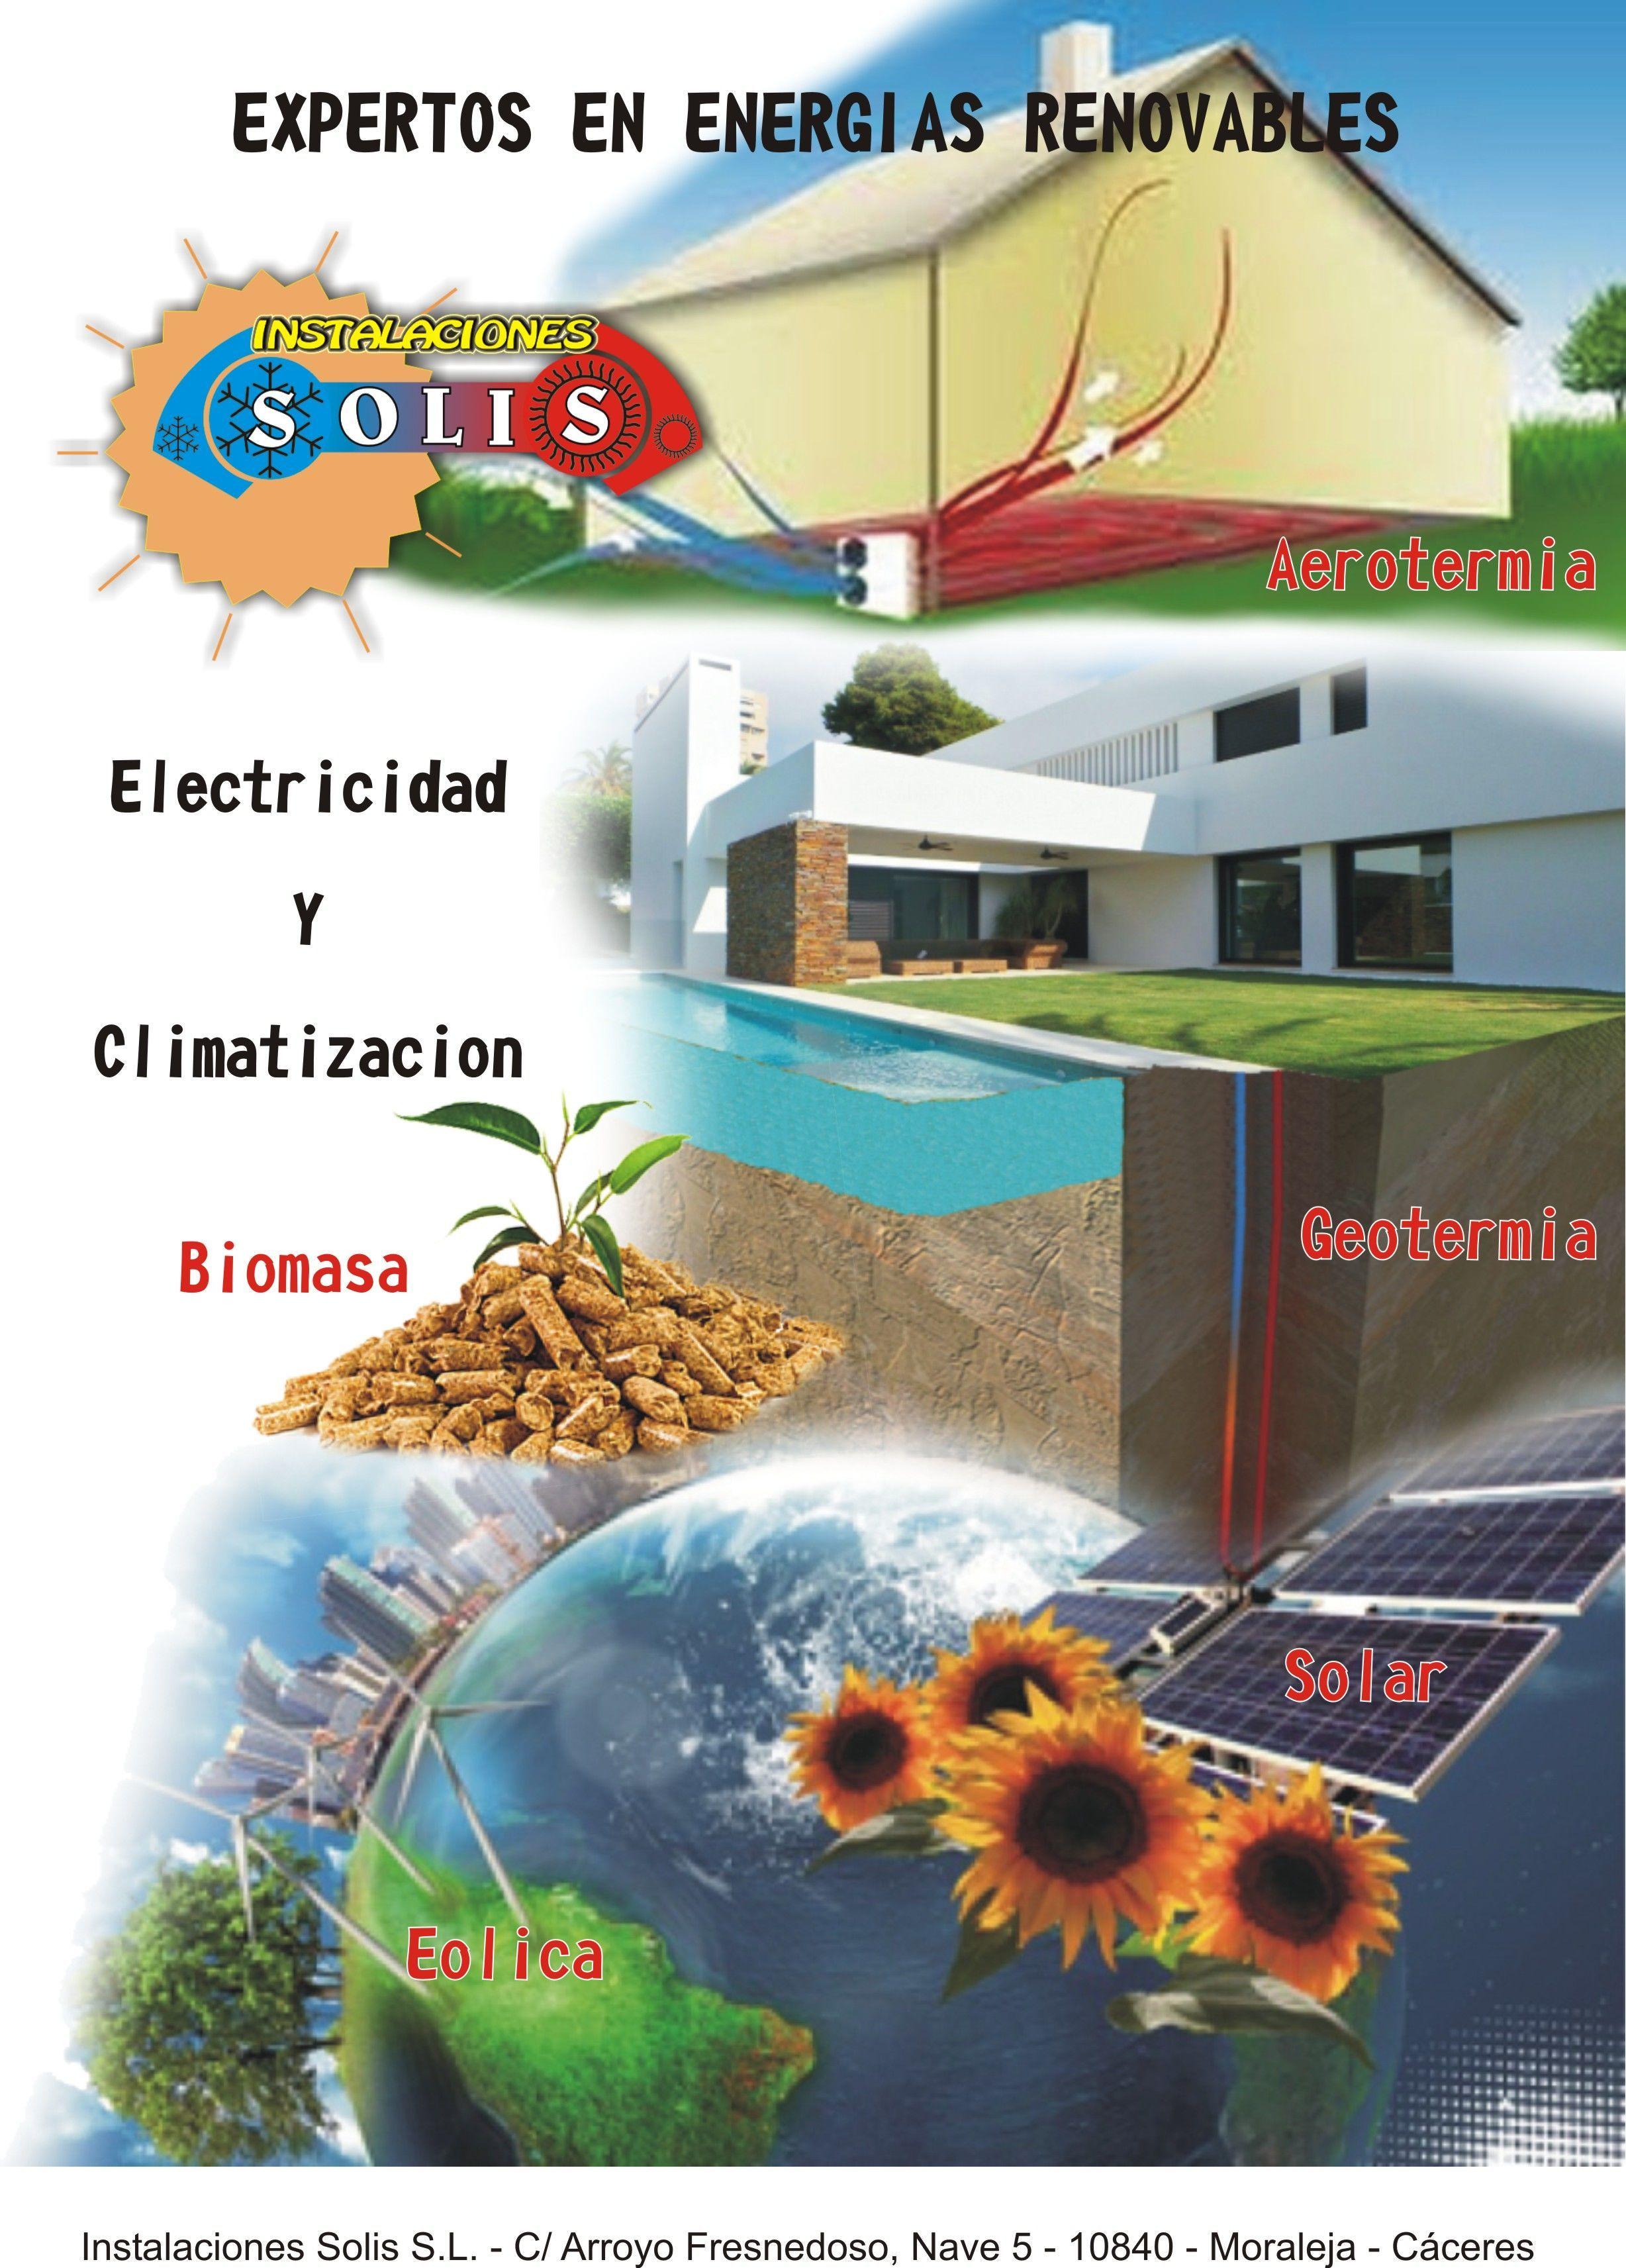 Expecializados en energias renovables.